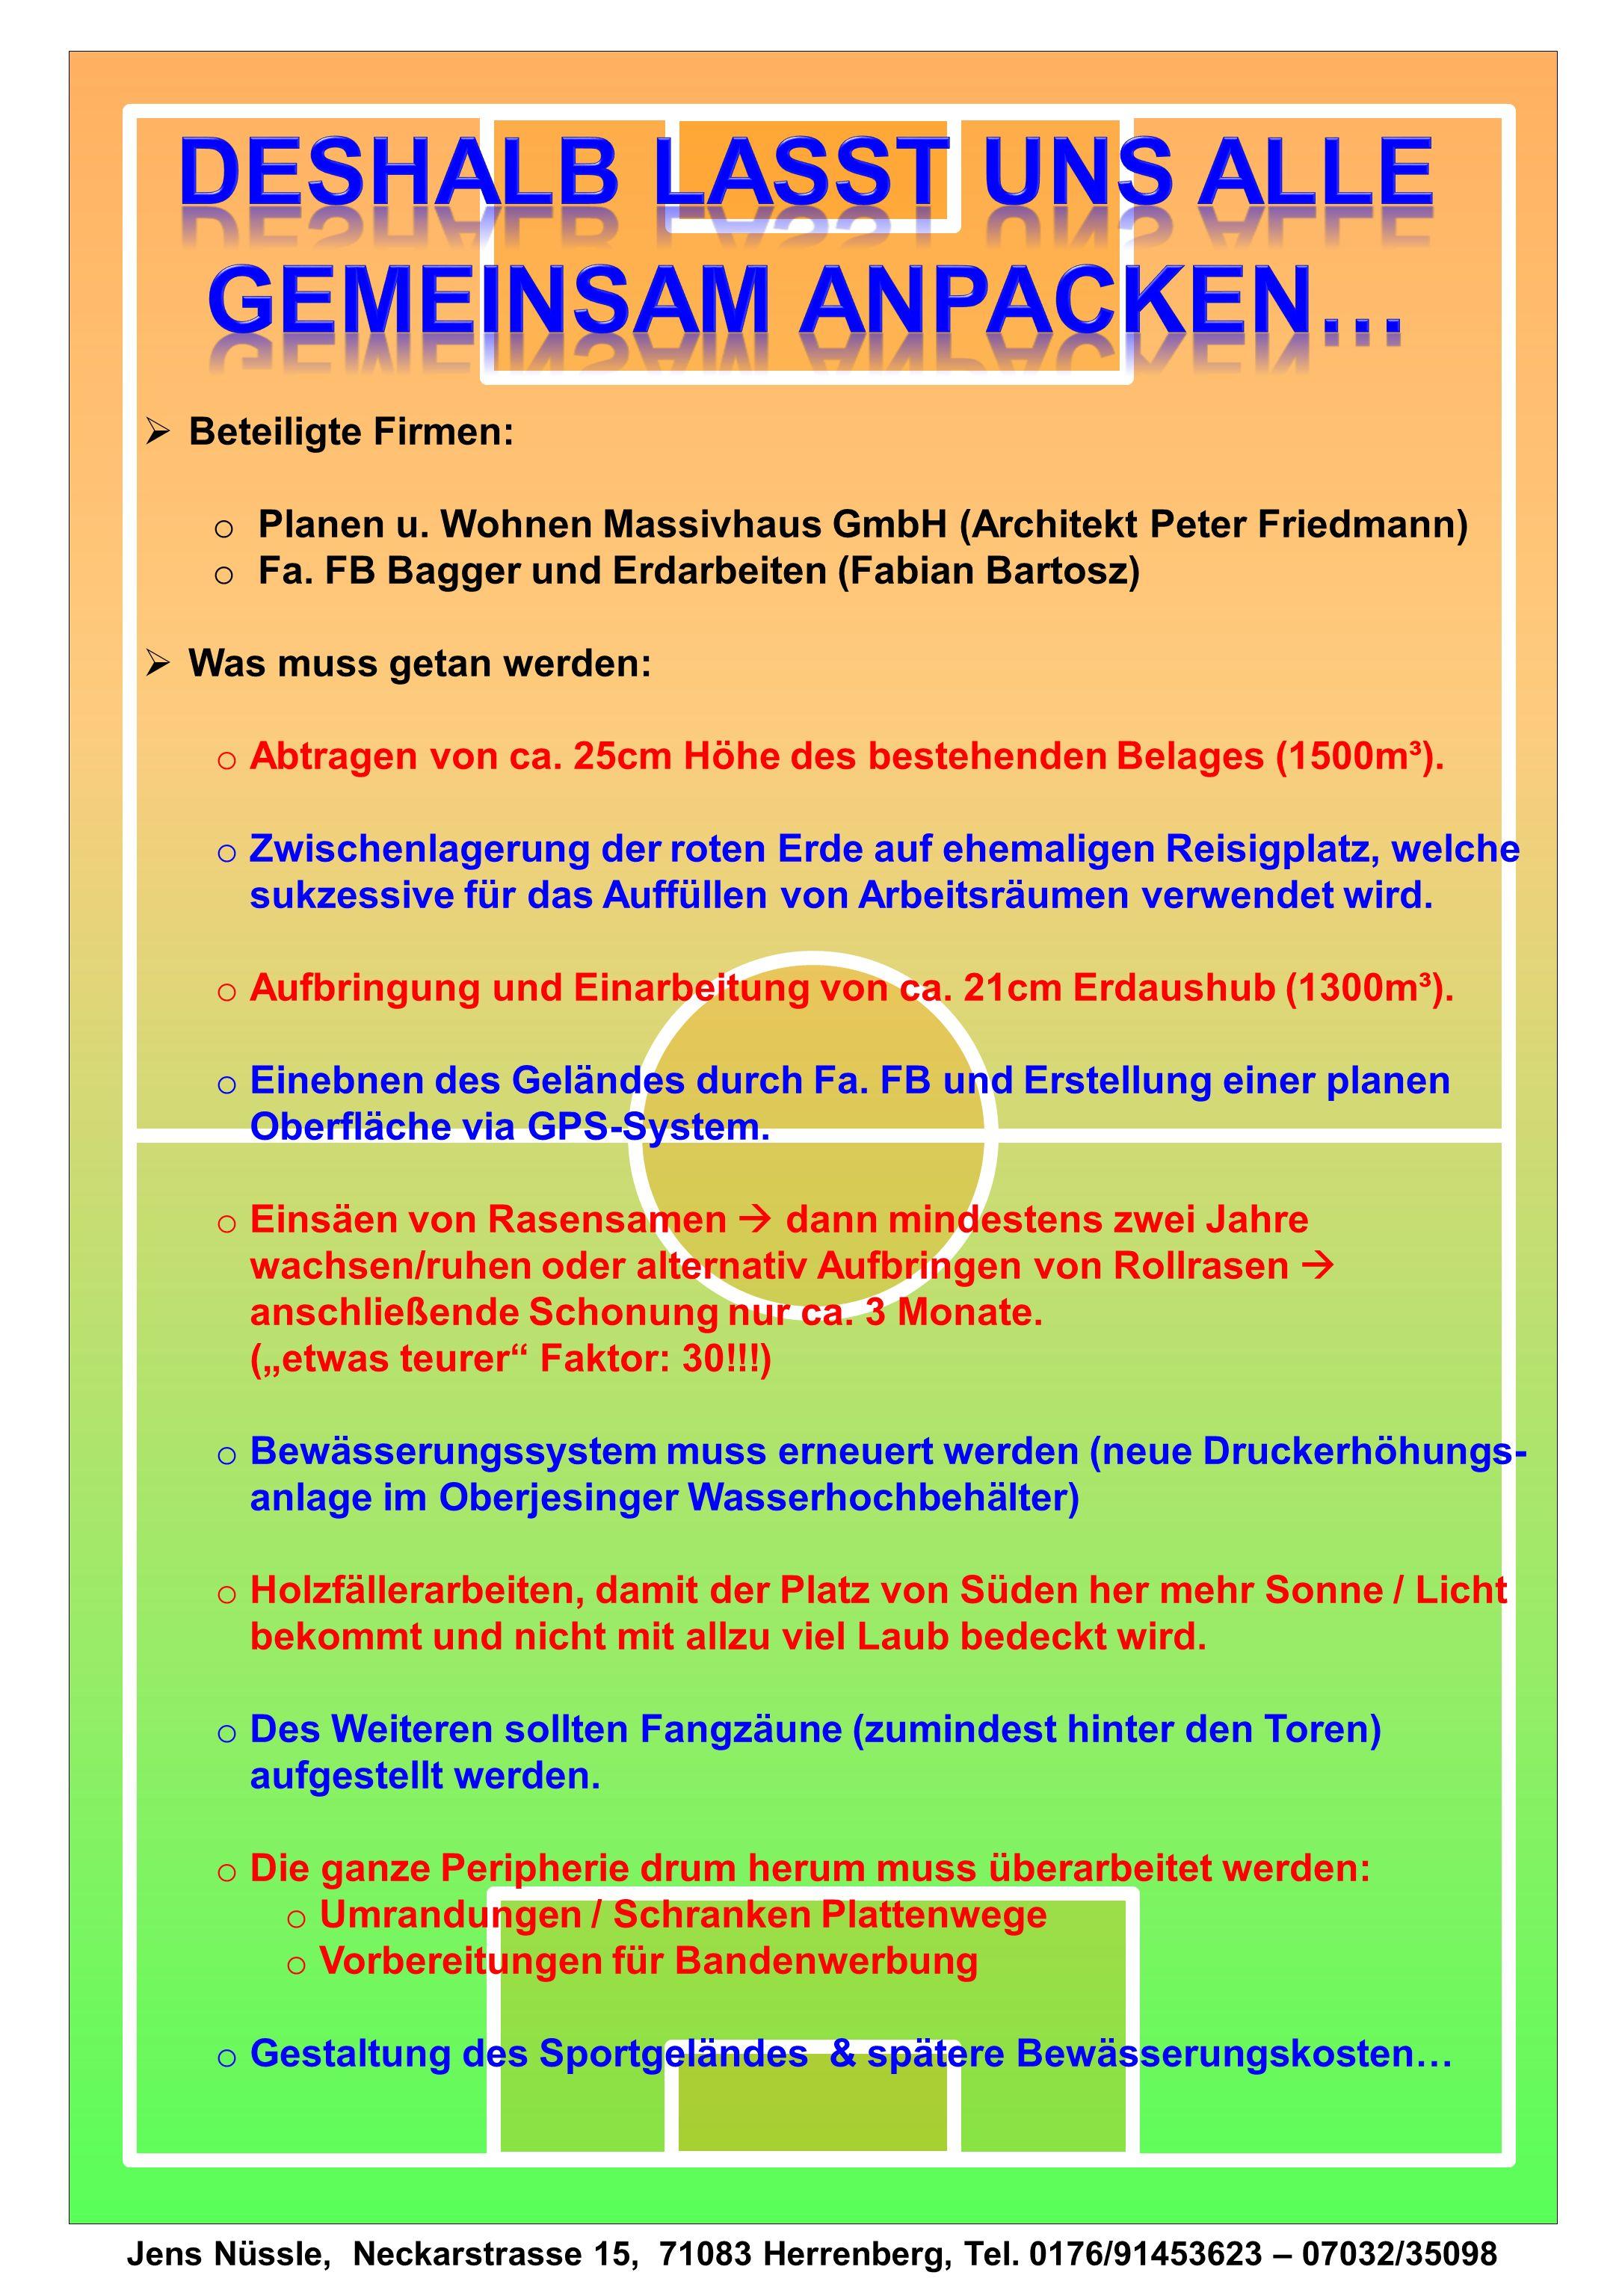 Jens Nüssle, Neckarstrasse 15, 71083 Herrenberg, Tel.